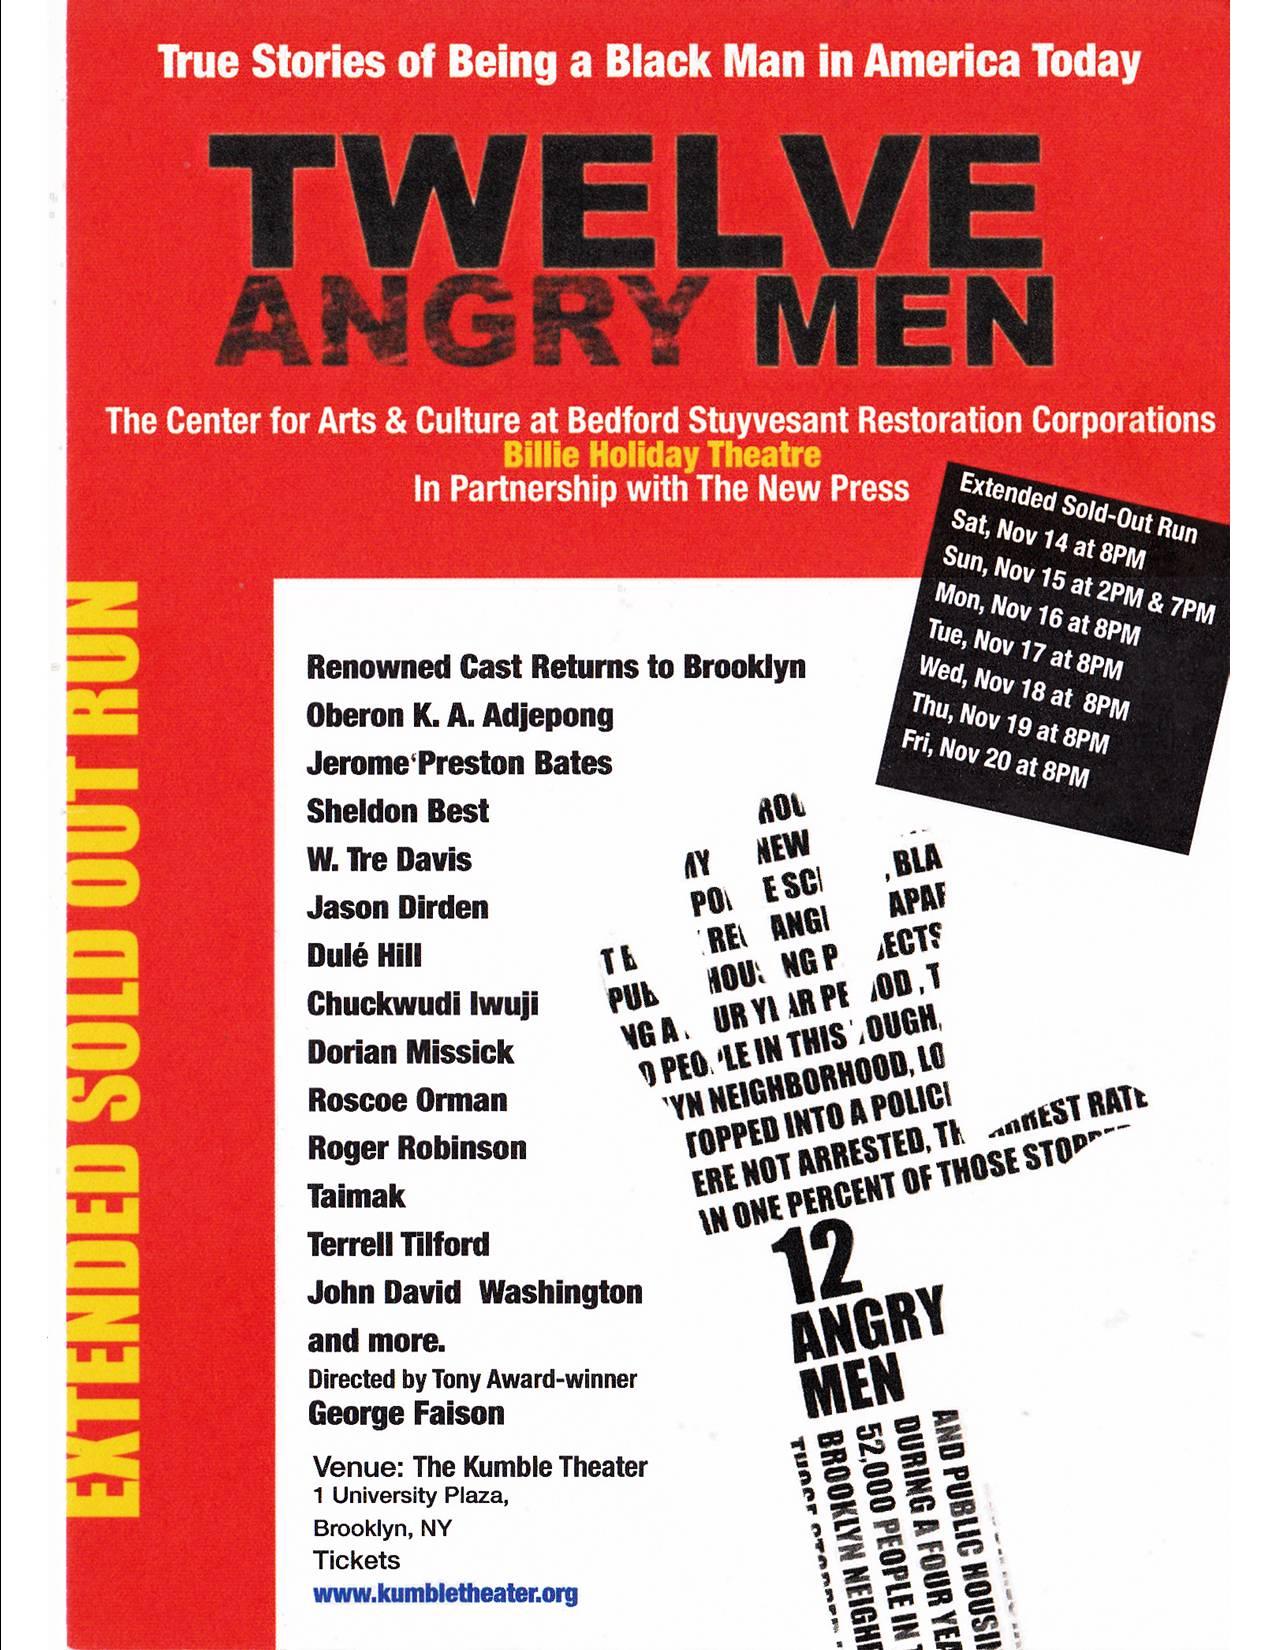 12 angry men extended.jpg - 292.38 Kb